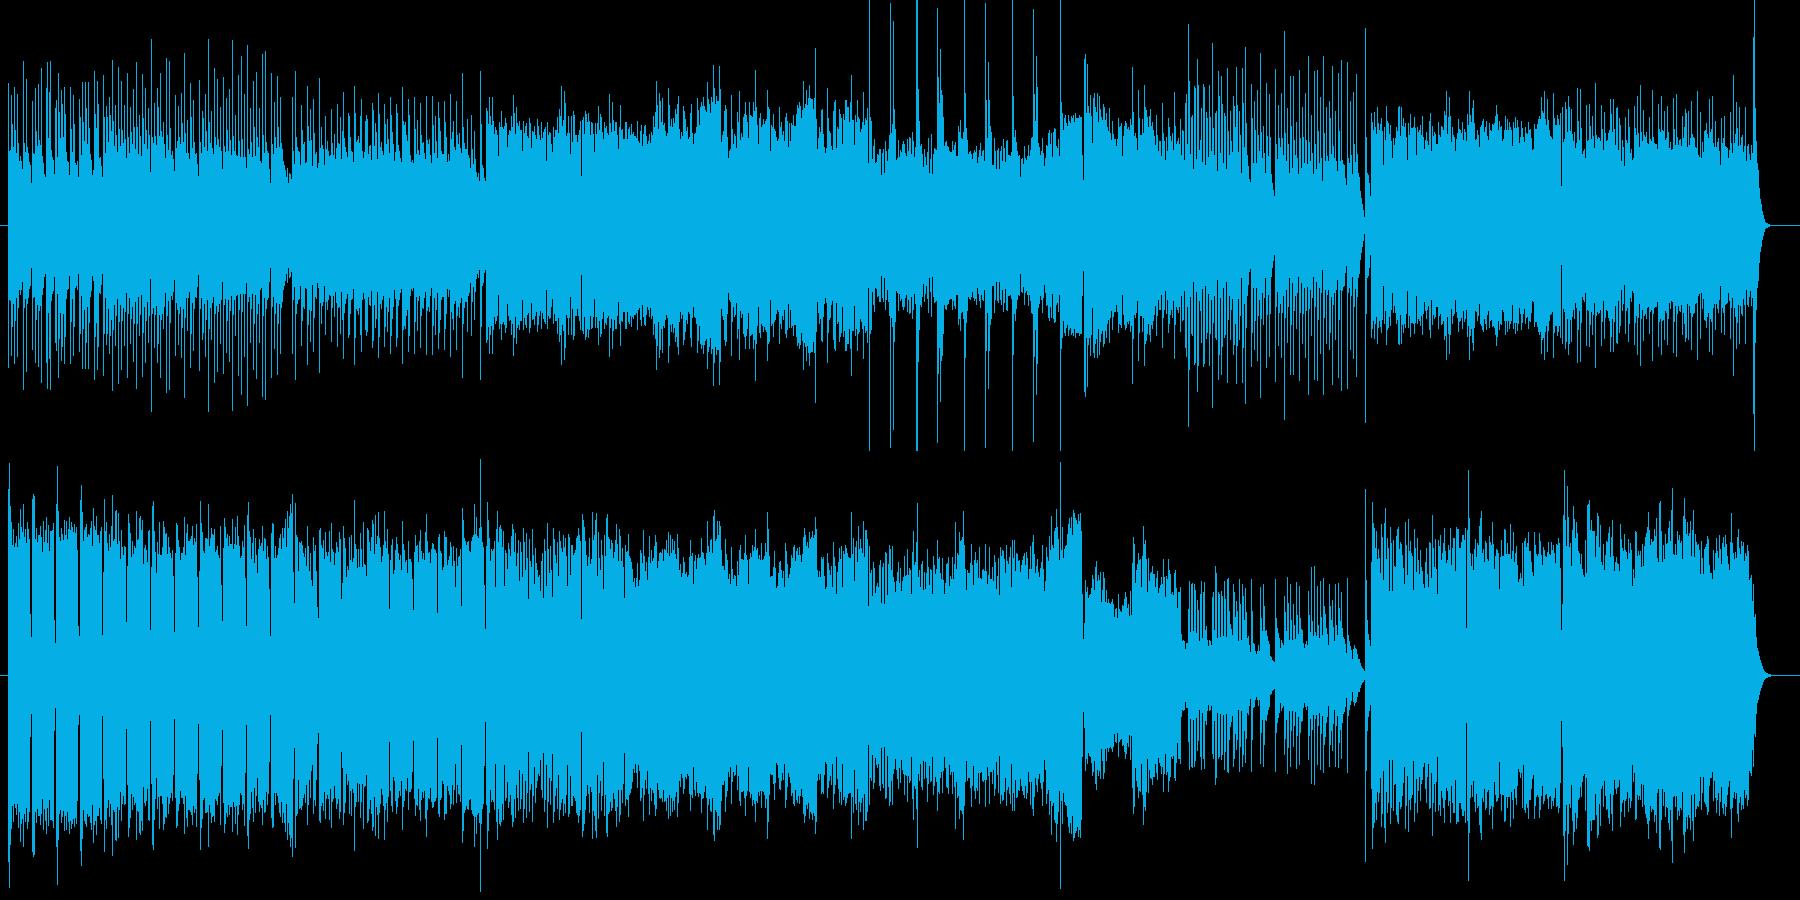 優しいハープとストリングスのバラードの再生済みの波形